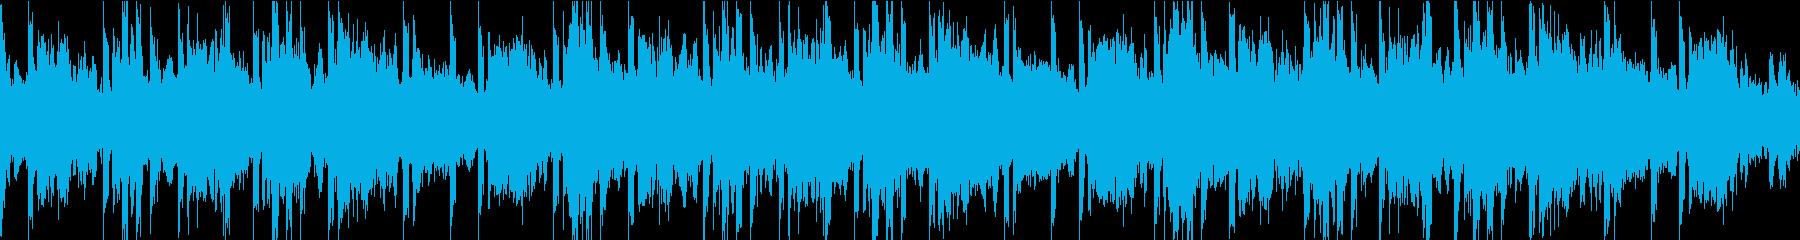 ダークでエッジの効いたダブステップ...の再生済みの波形